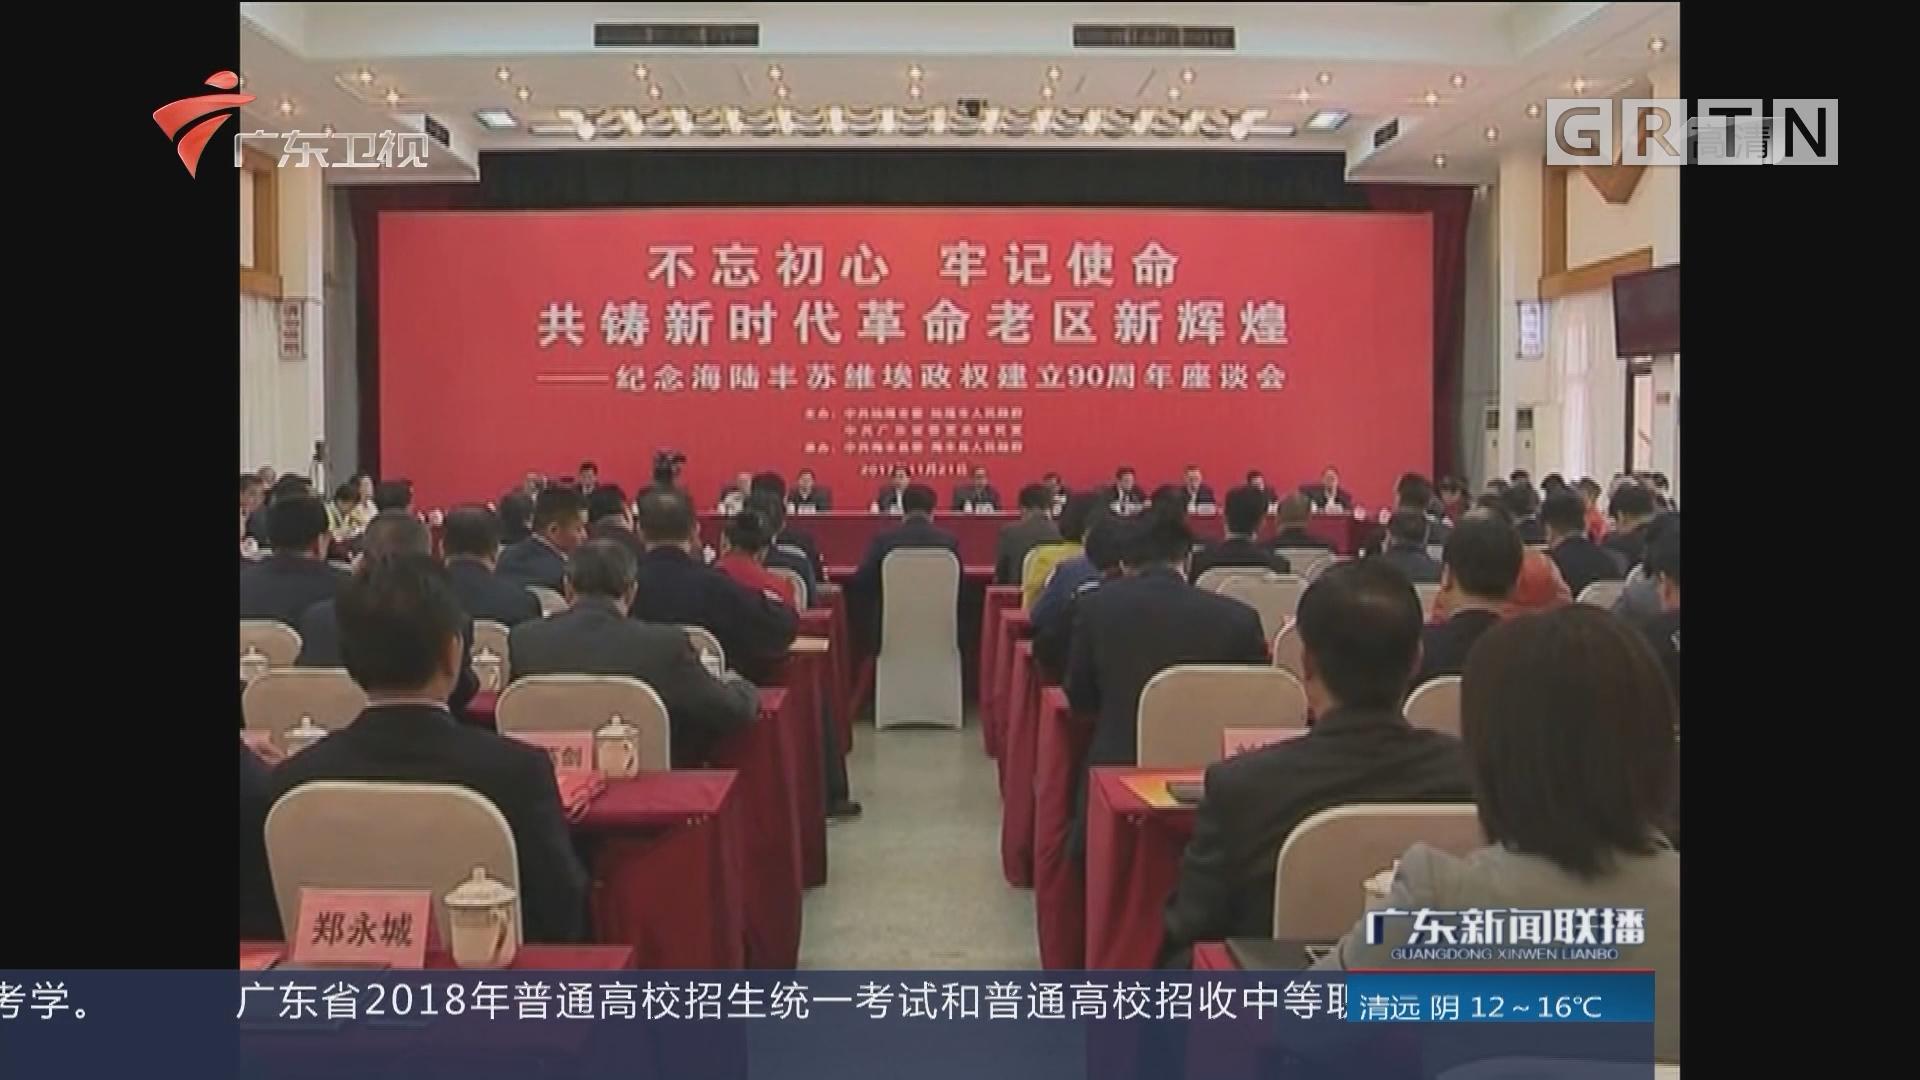 汕尾:海陆丰苏维埃政权建立90周年纪念座谈会举行